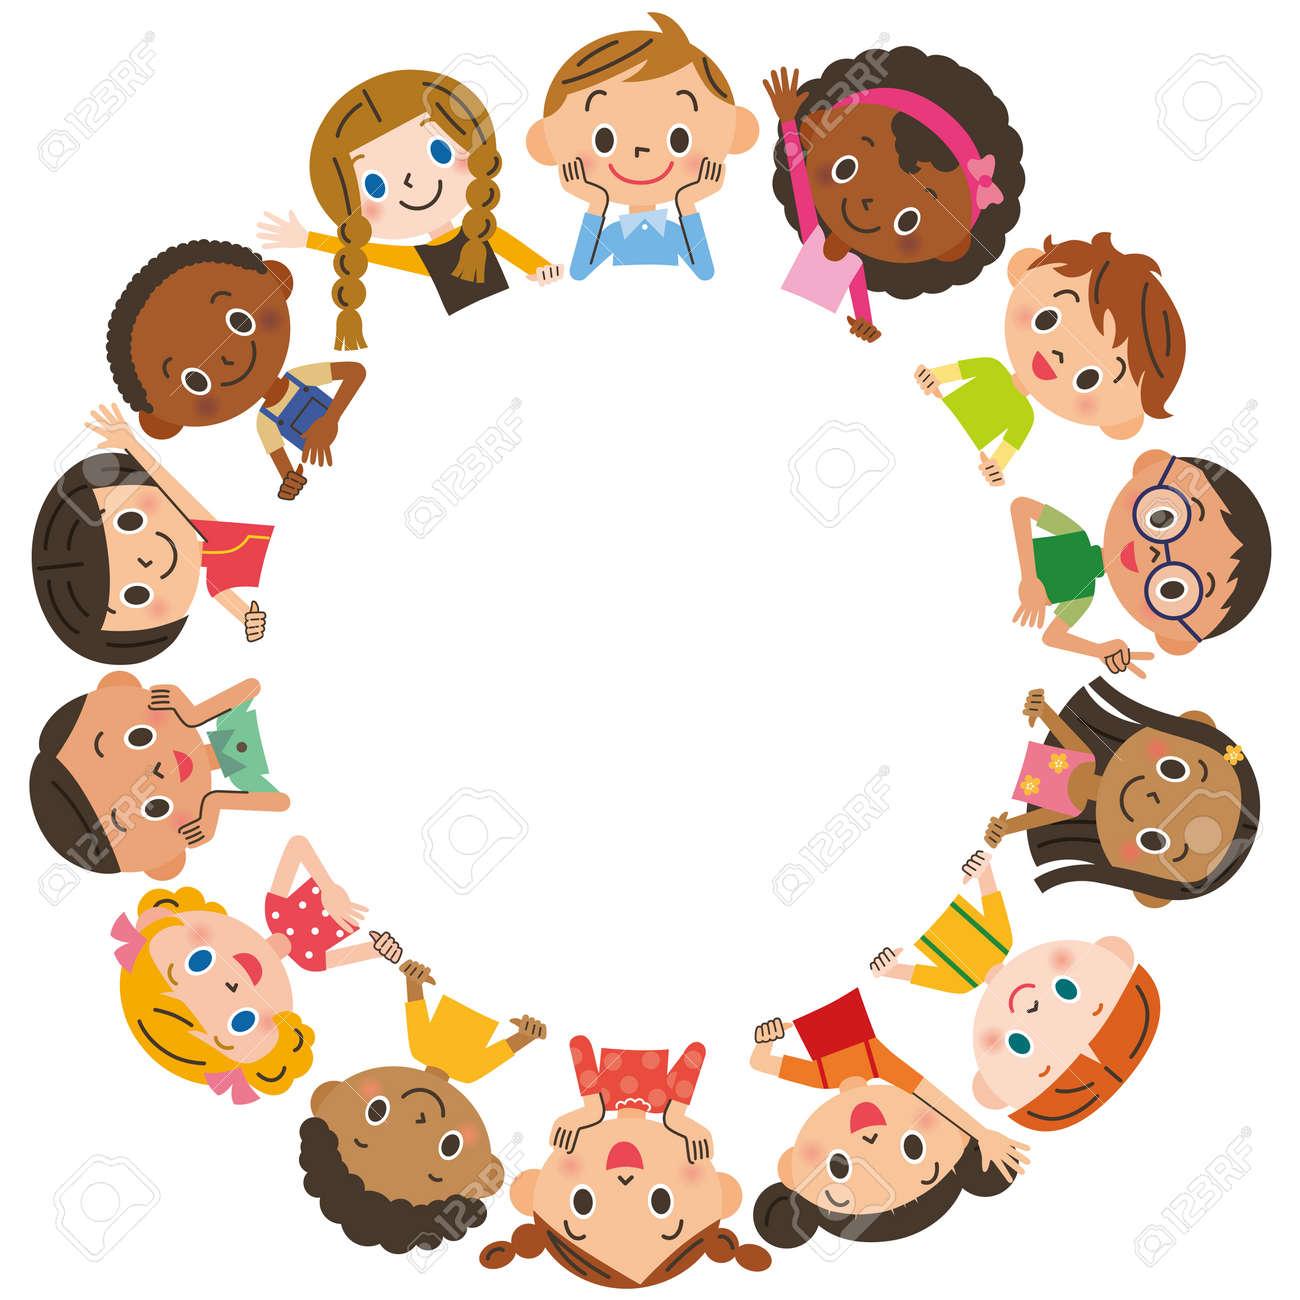 子供会のイラスト素材ベクタ Image 49107429